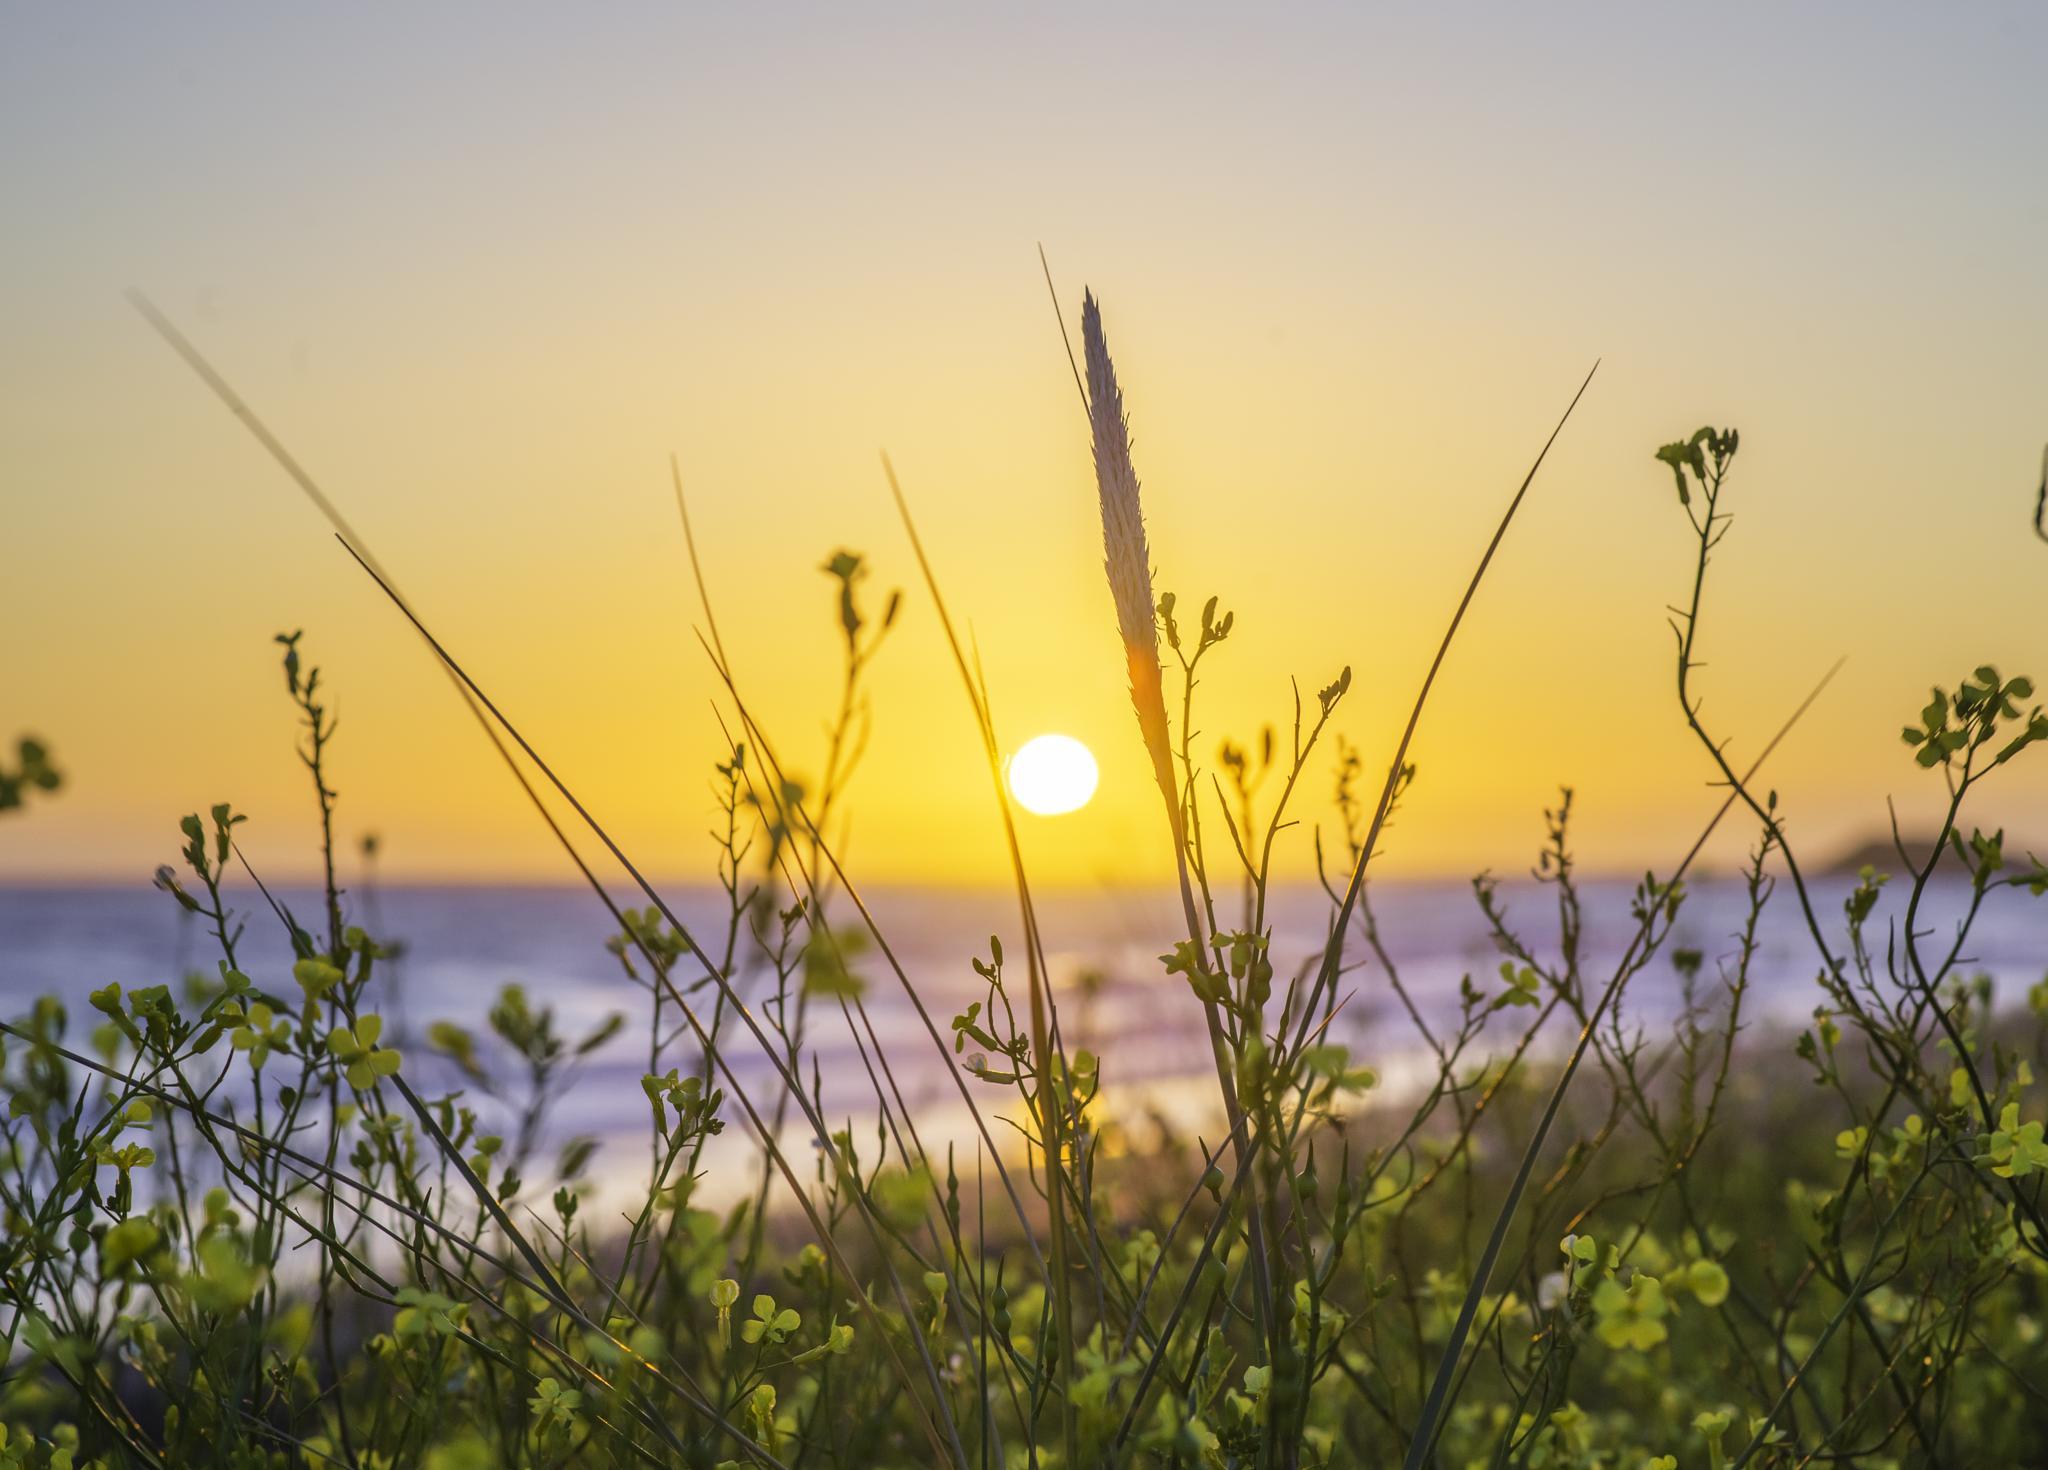 summer sun by Alan Pryor